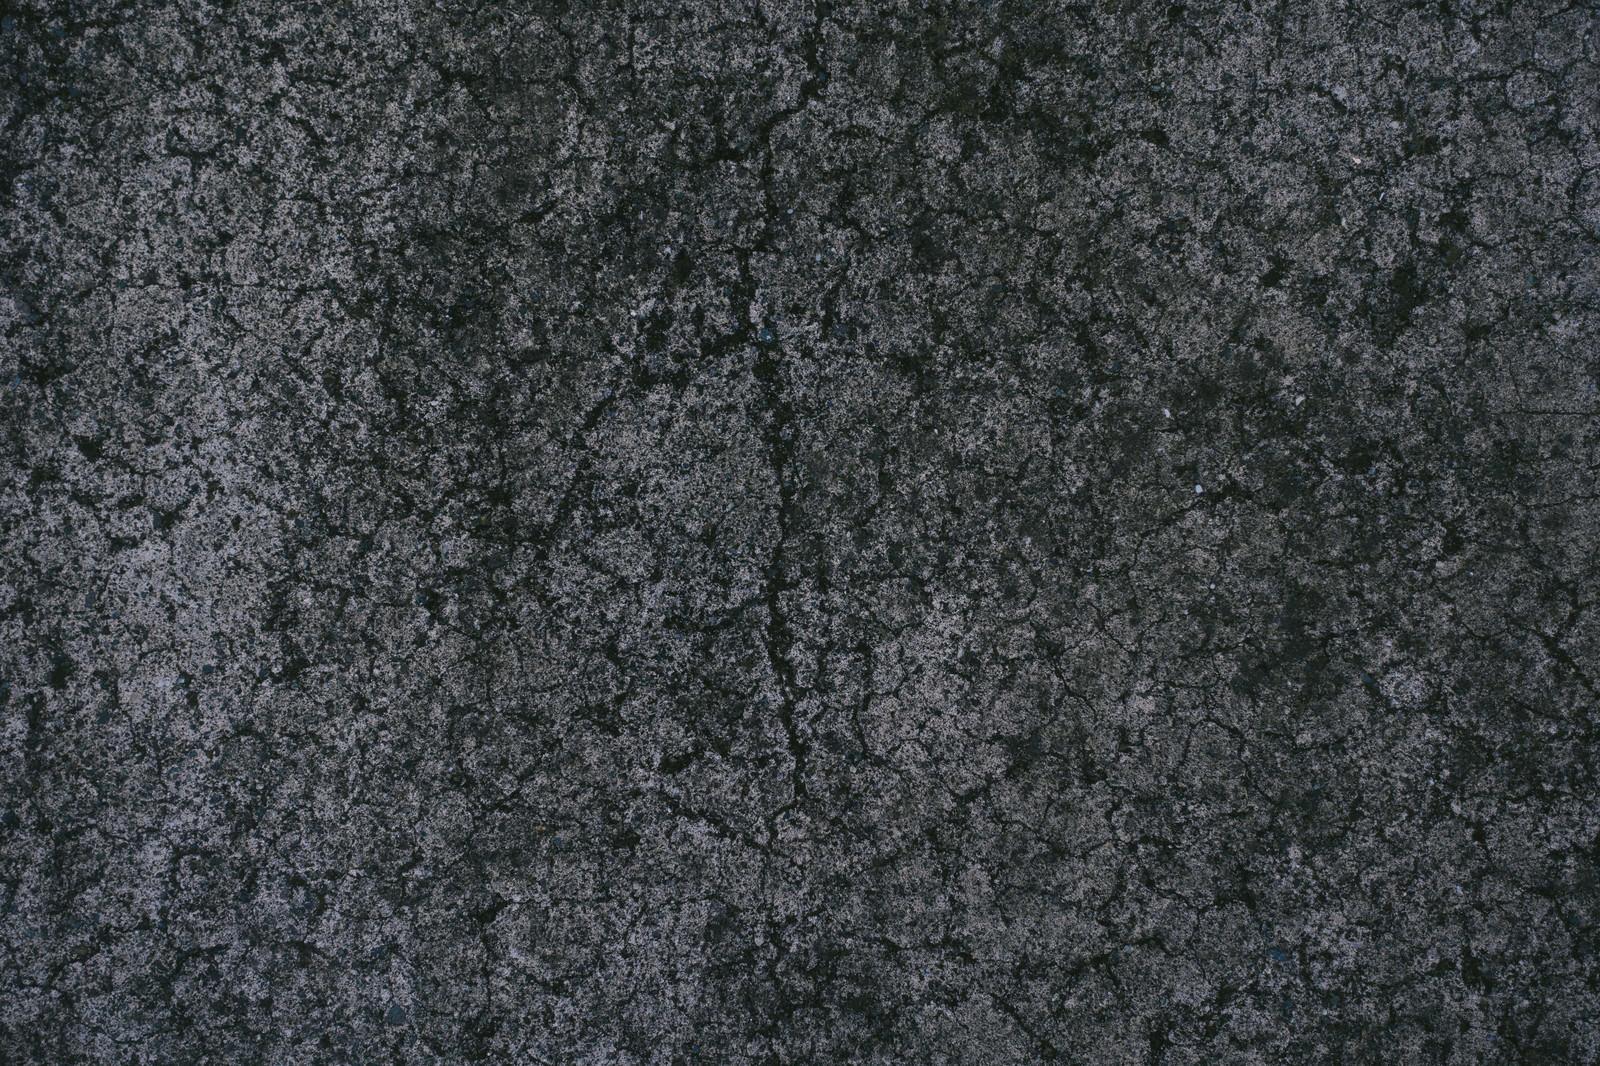 「ひび割れしたコンクリート | 写真の無料素材・フリー素材 - ぱくたそ」の写真